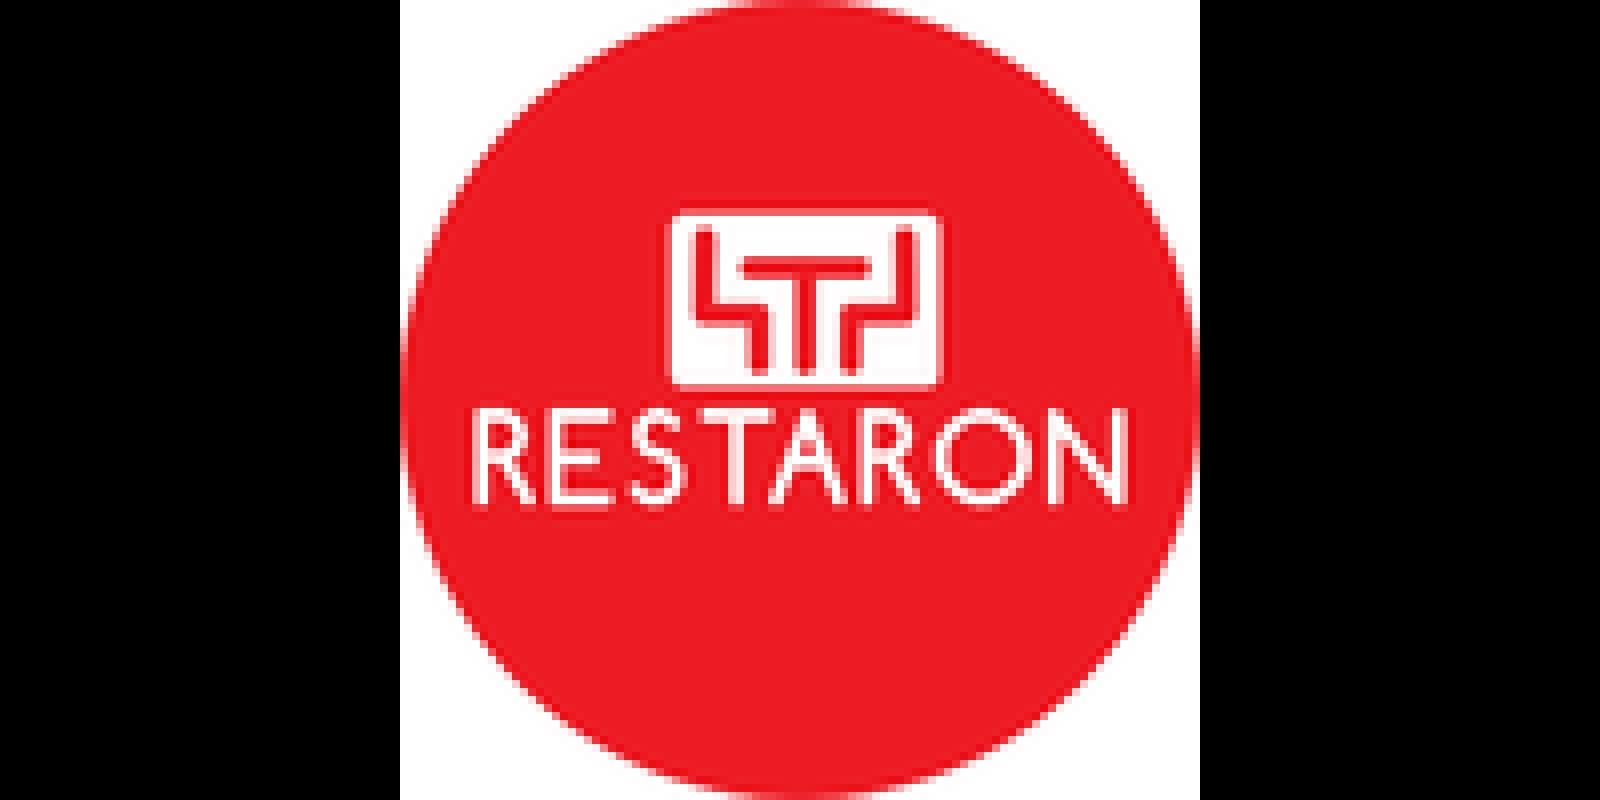 Запрошуємо на роботу хостес в ресторан у центрі міста. Київ